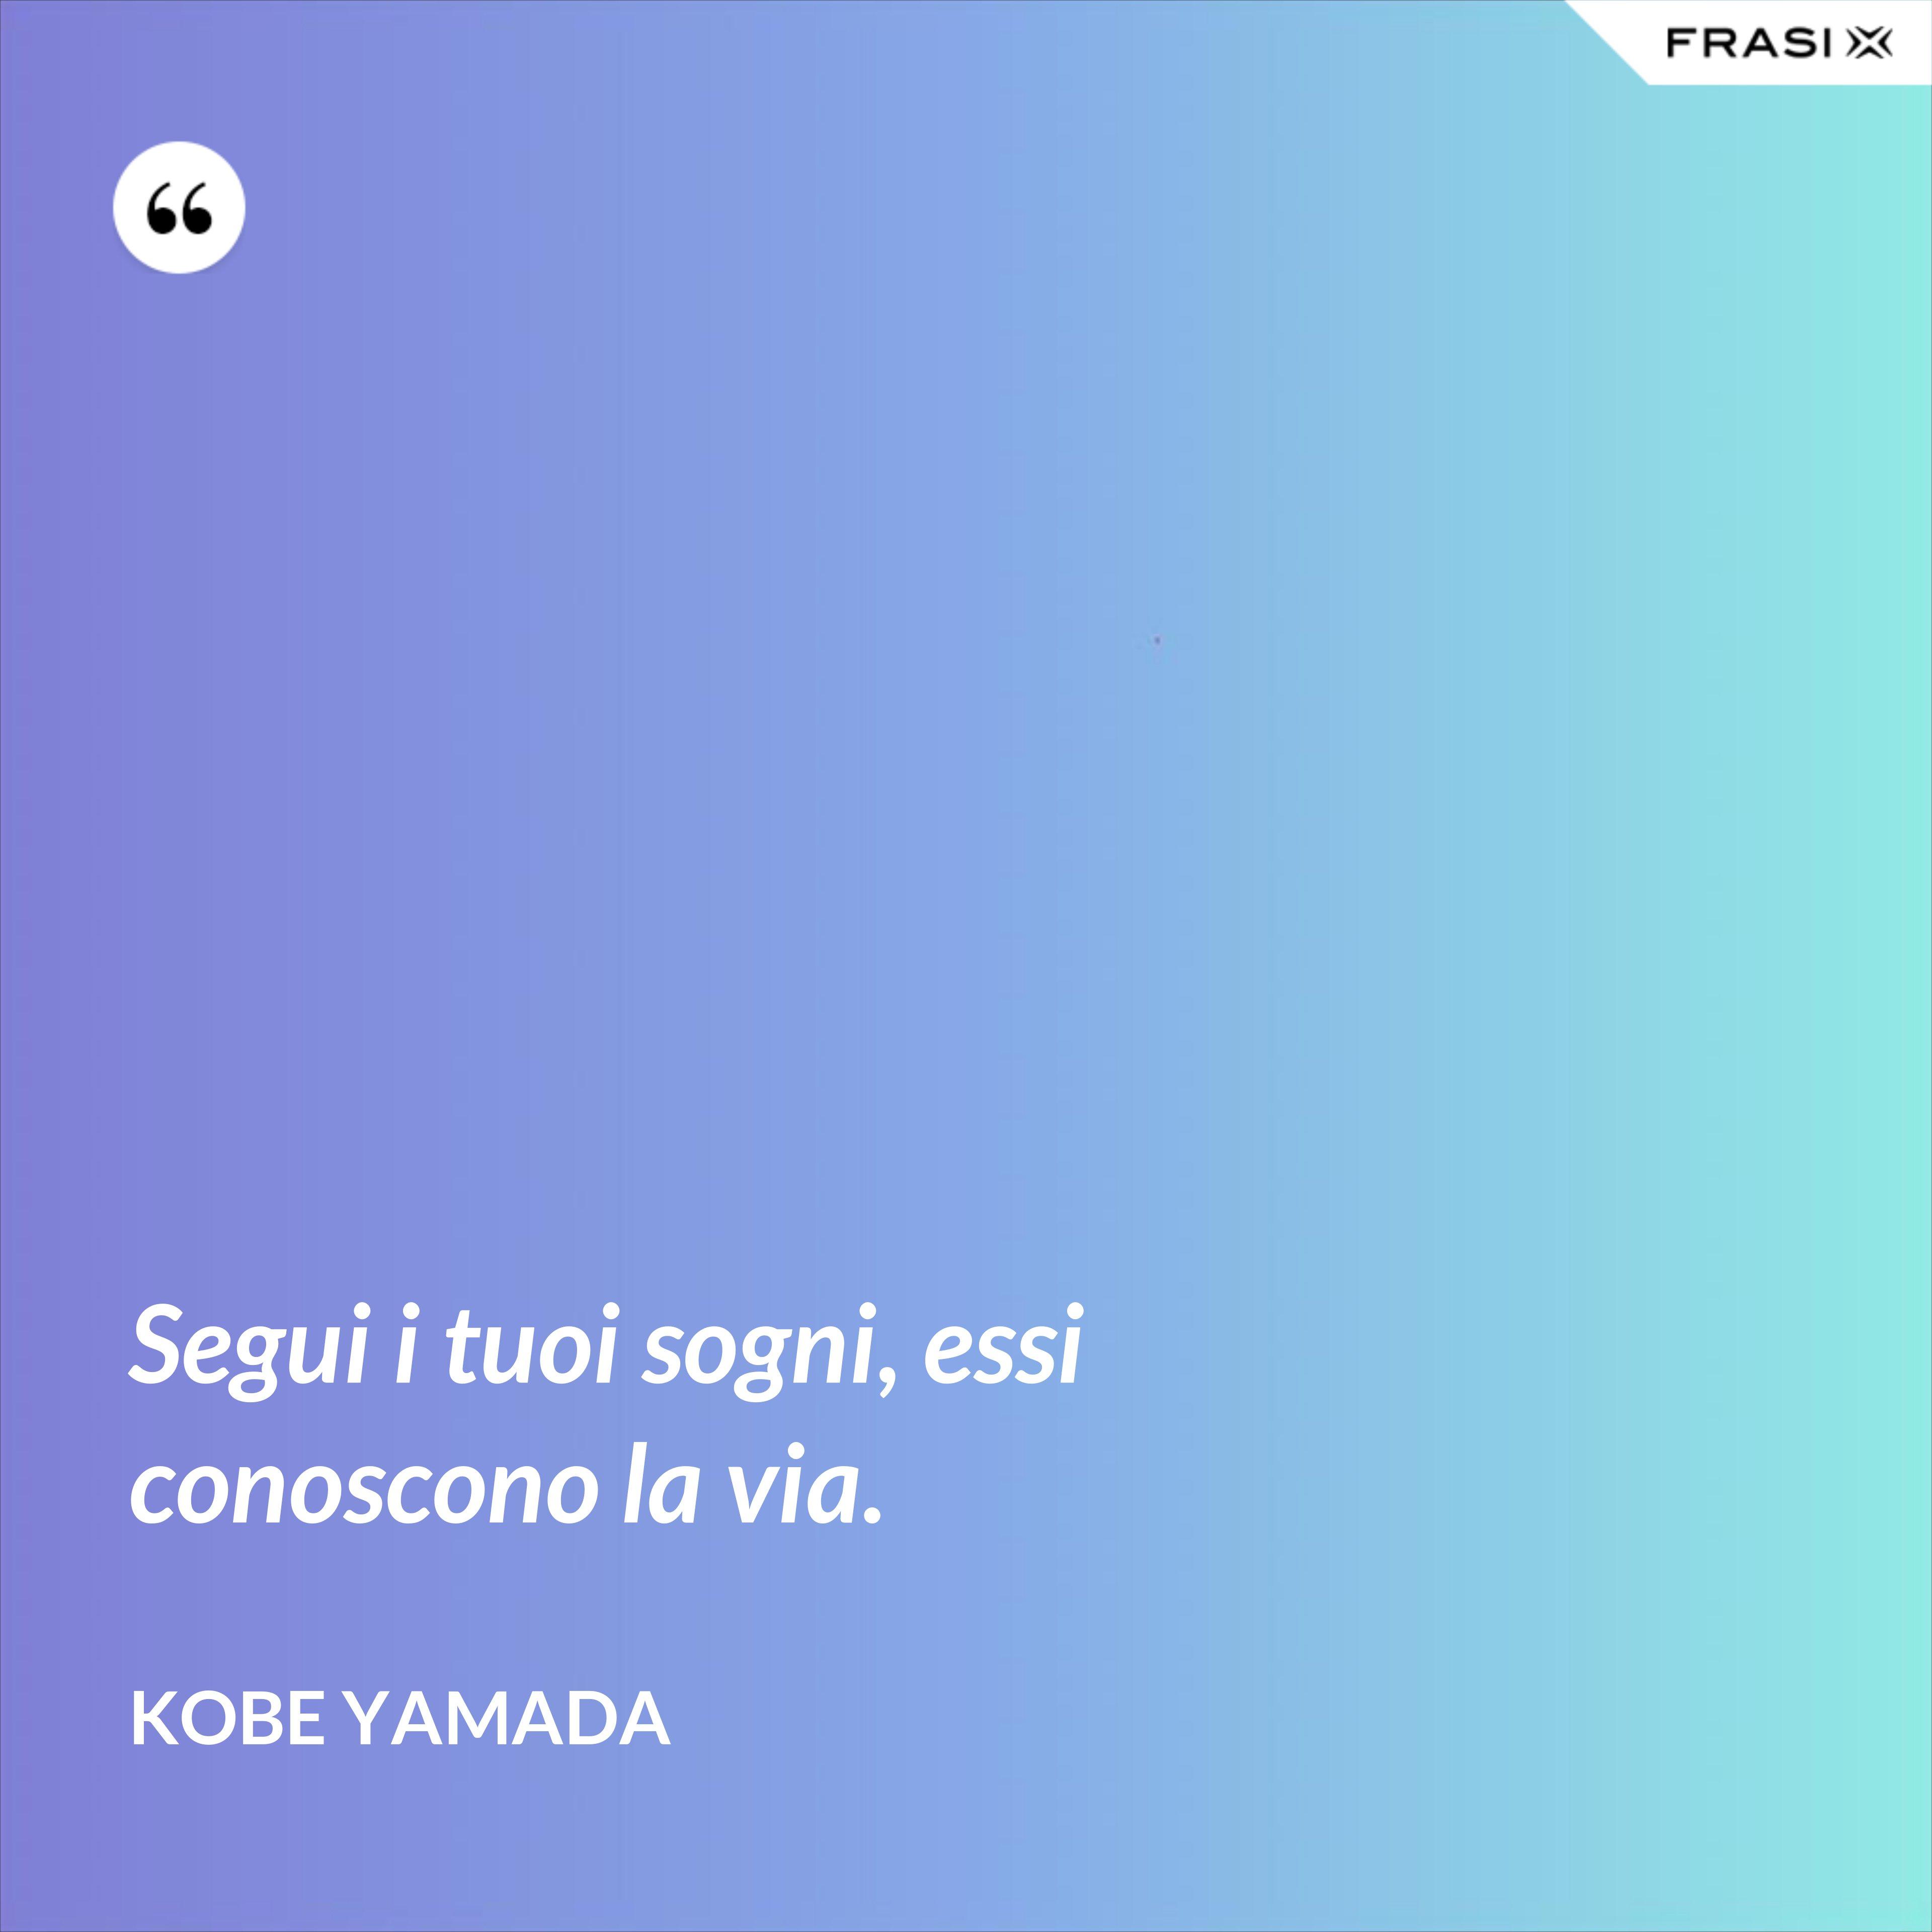 Segui i tuoi sogni, essi conoscono la via. - Kobe Yamada